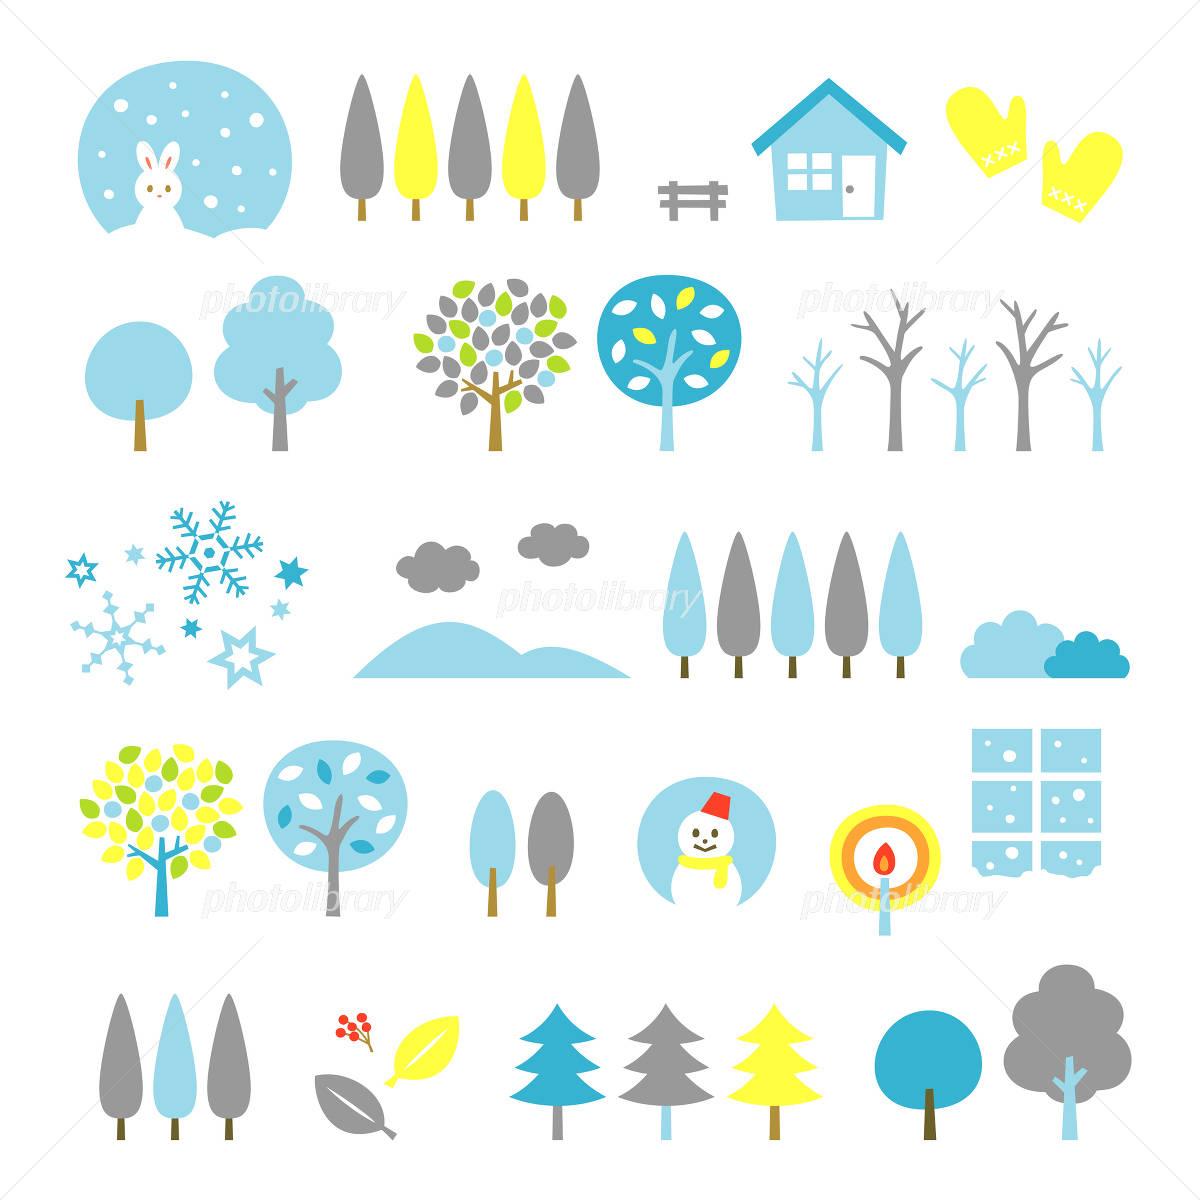 木の素材セット 冬 イラスト素材 3347871 フォトライブラリー